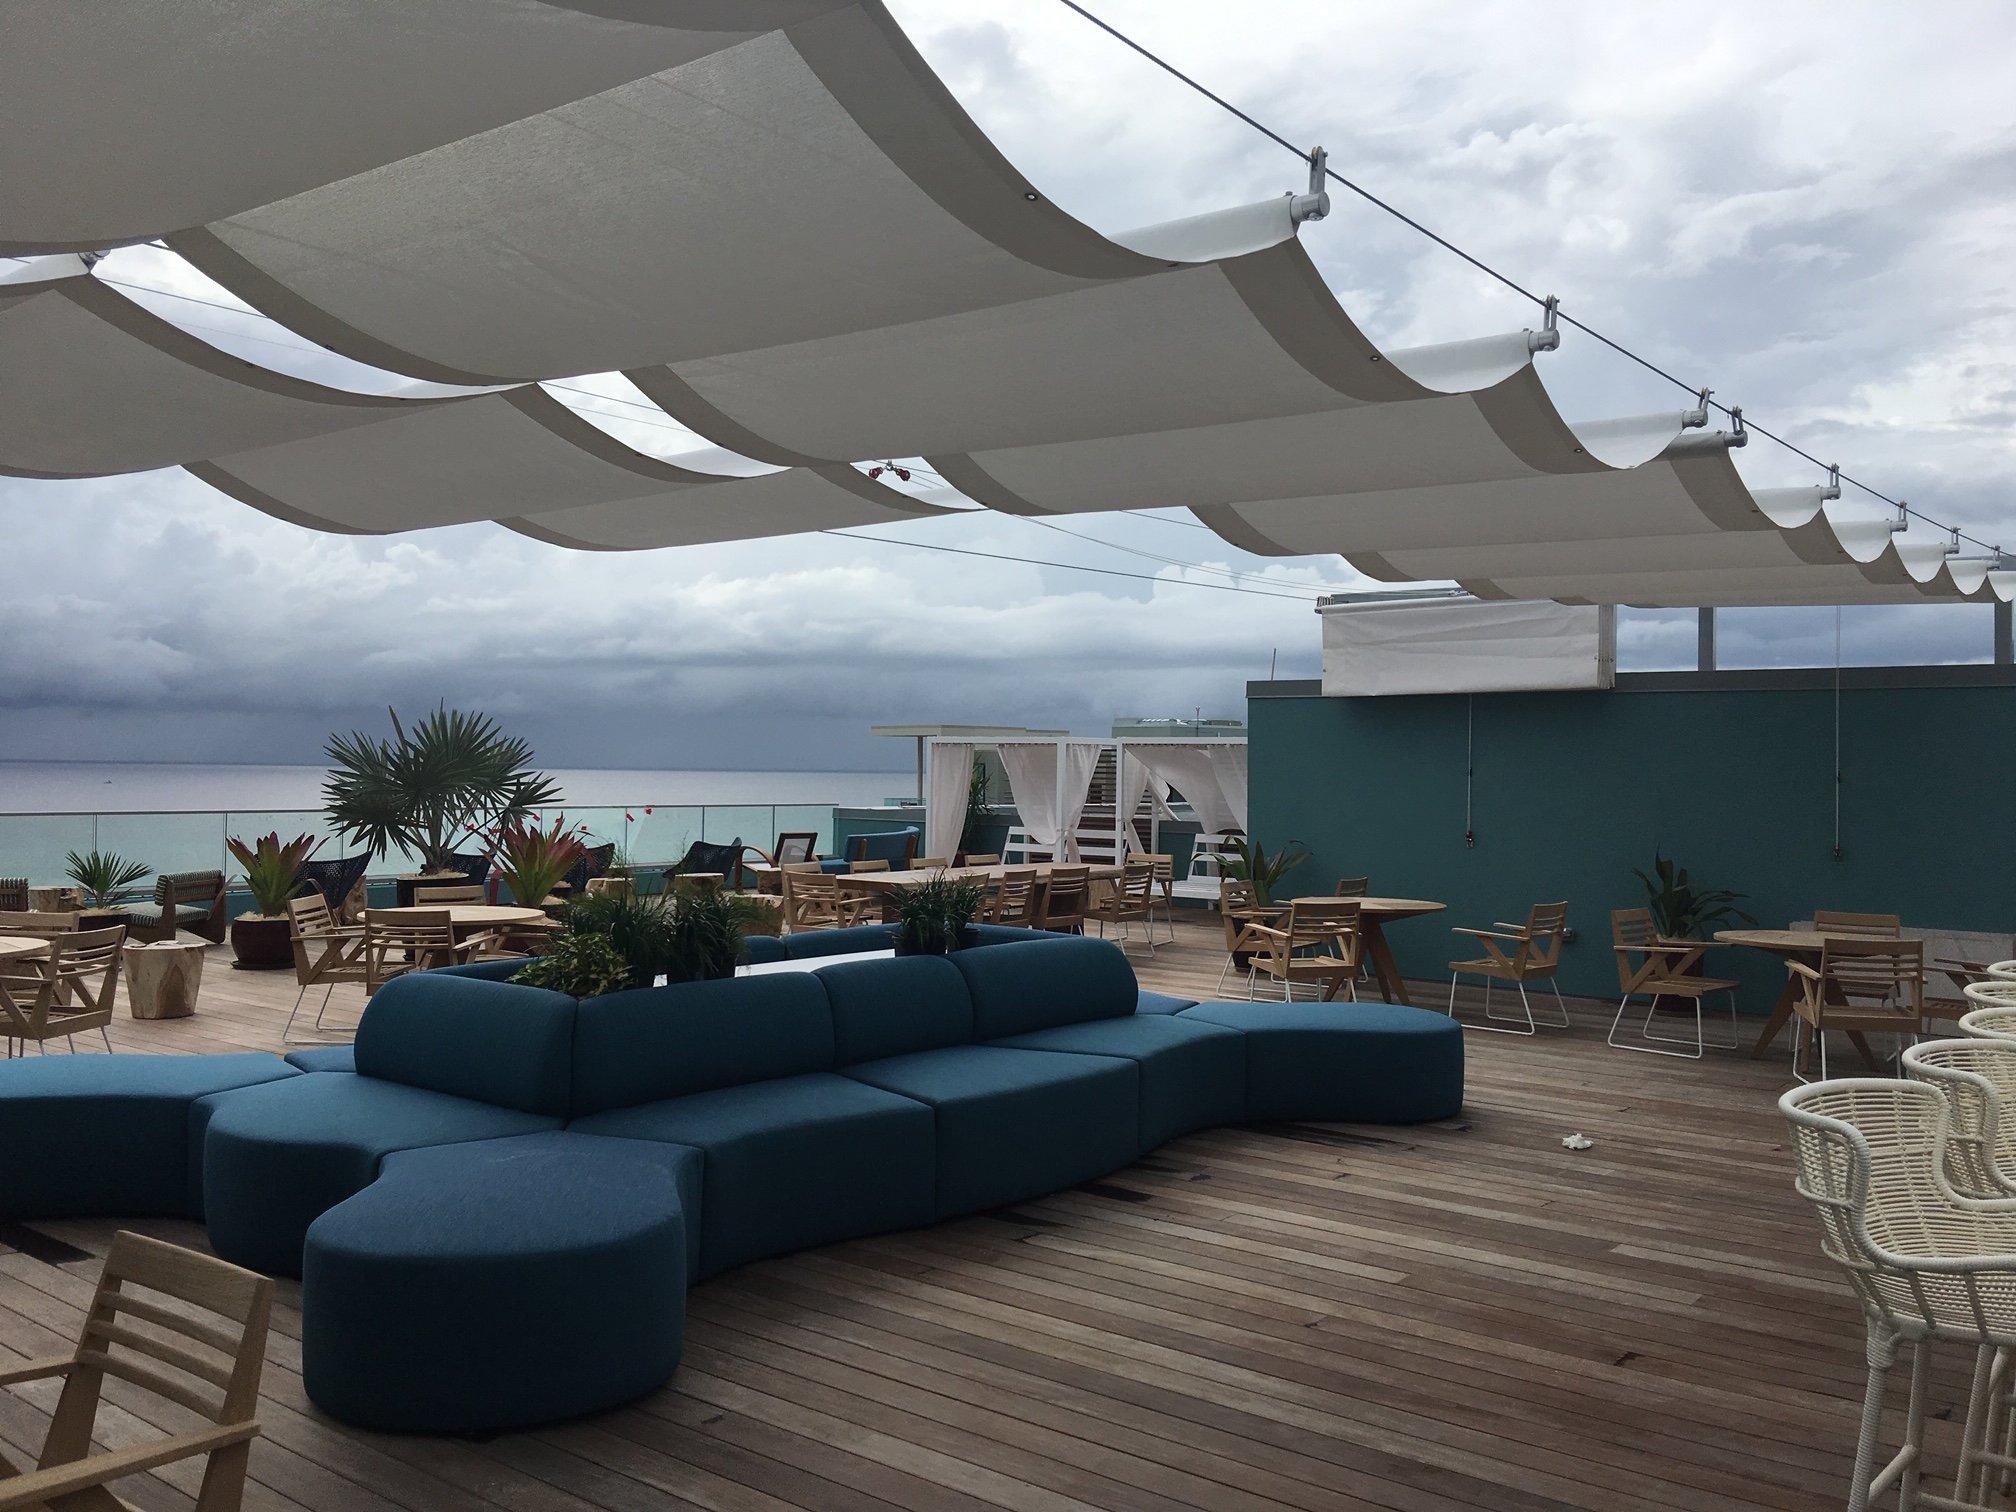 Retractable-roof garden